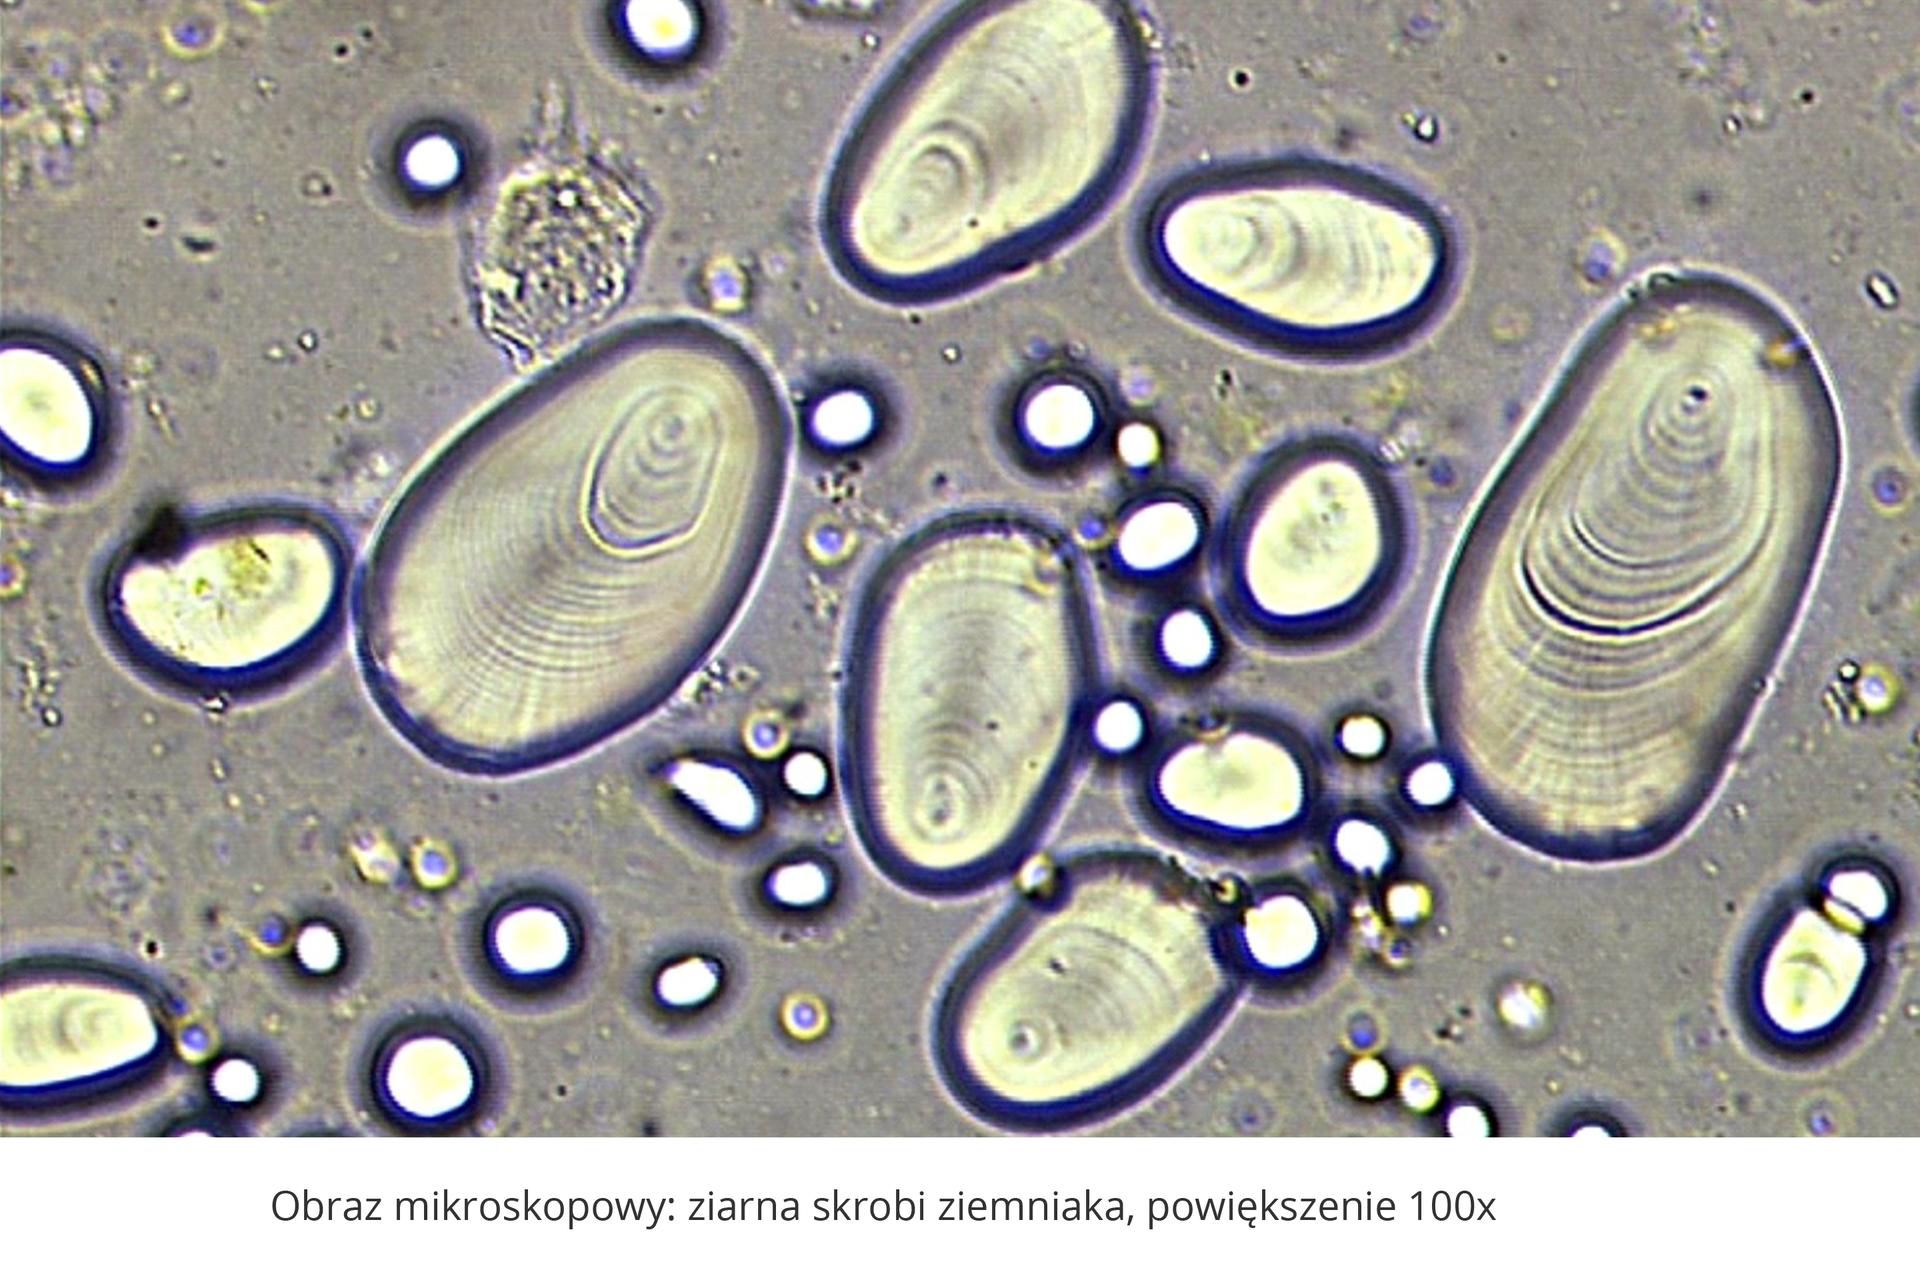 Ilustracja przedstawia obraz mikroskopowy ziaren skrobi zbulwy ziemniaka. Ziarna są jajowate, załamują światło, które tworzy wokół nich grube fioletowe linie. Drobniejsze owalne plamy to zanieczyszczenia preparatu.